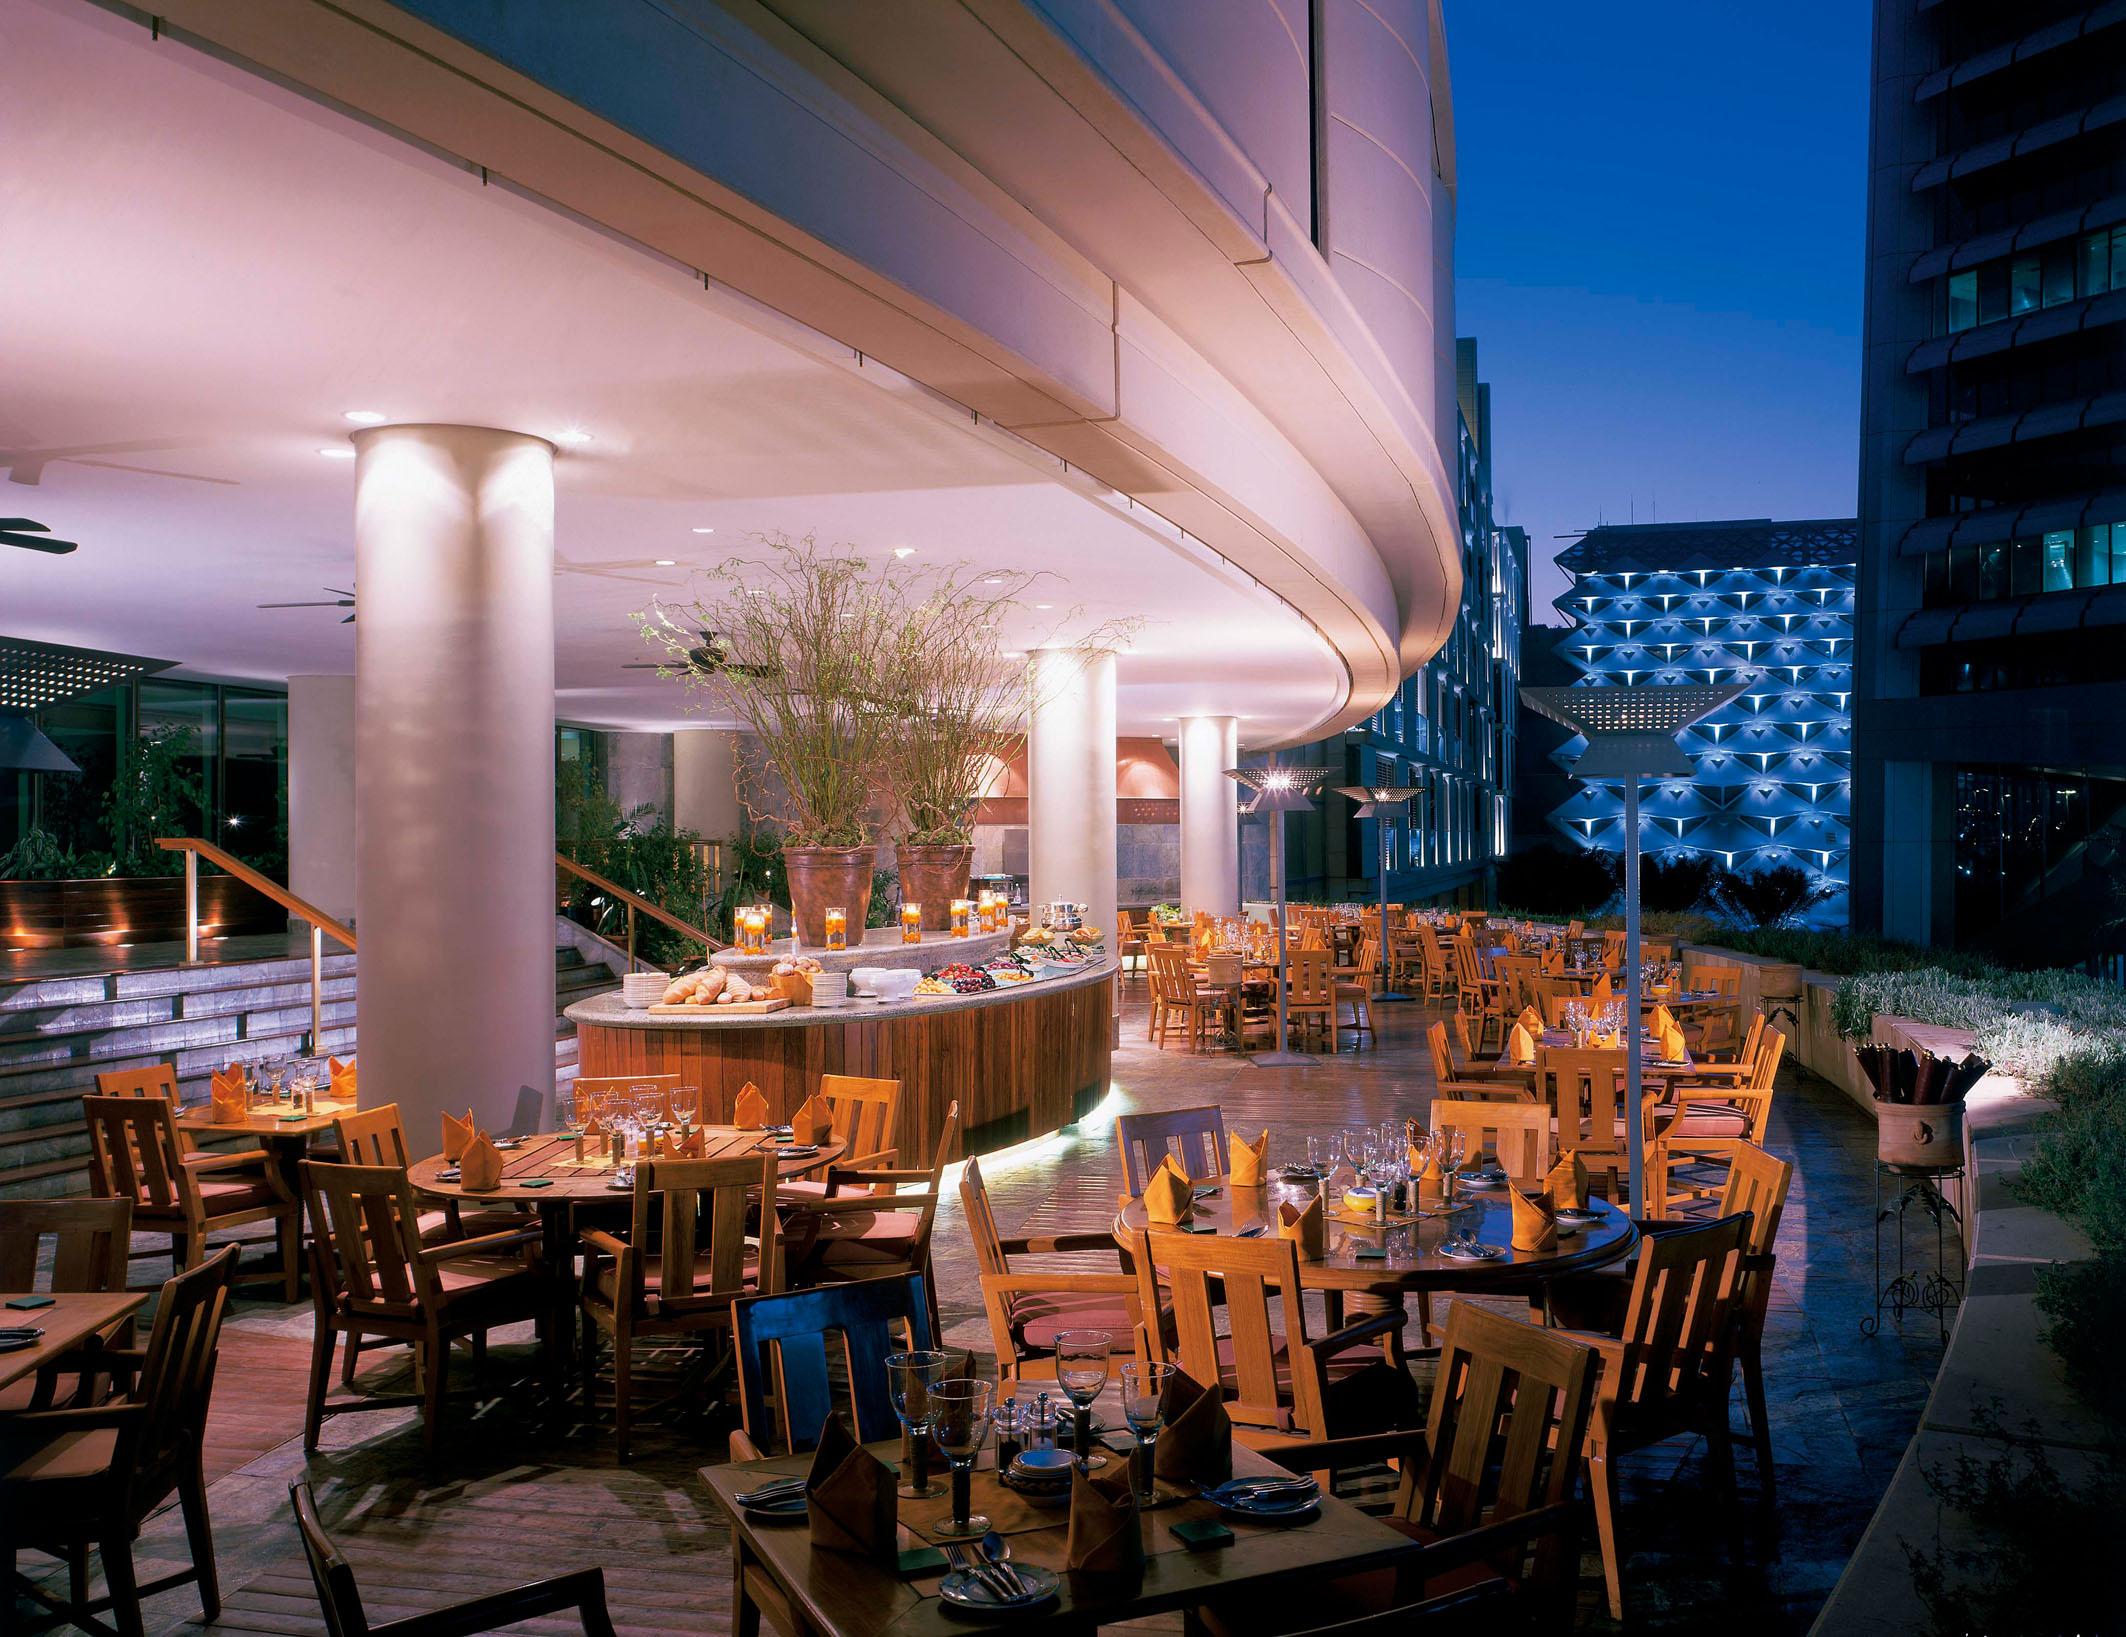 Al Faisaliah Hotel en RIYADH